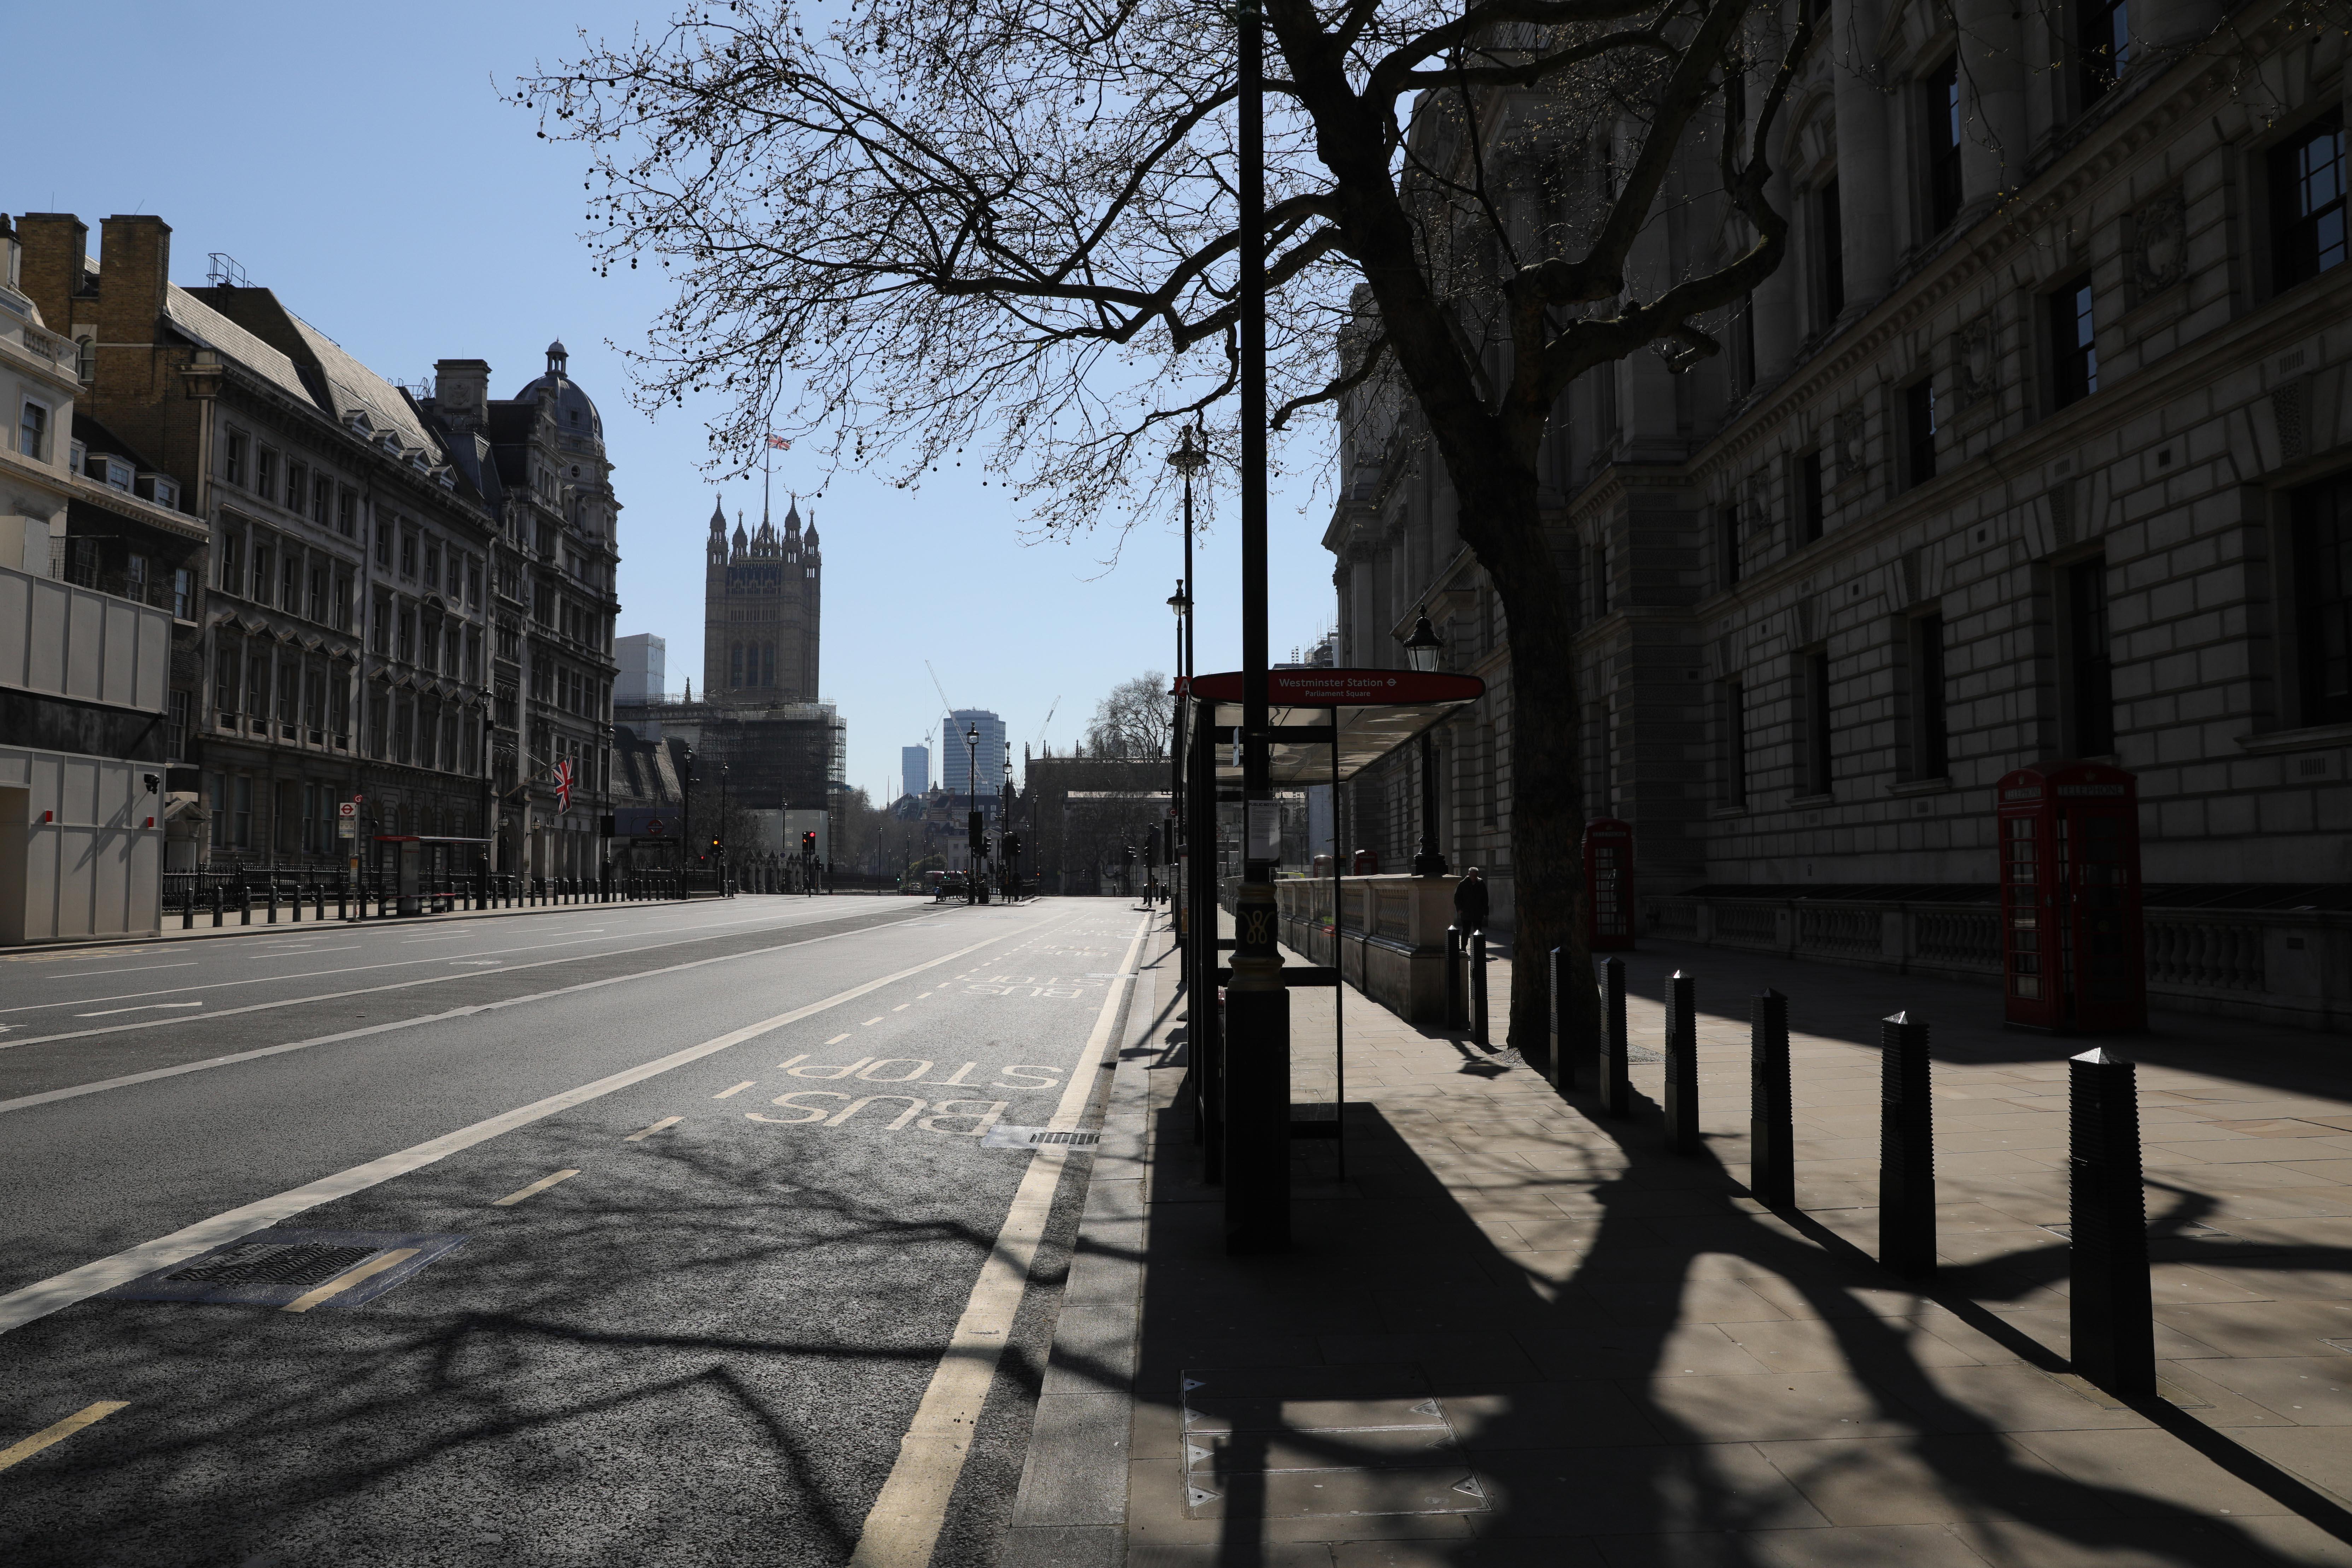 疫情影响下的英国城市